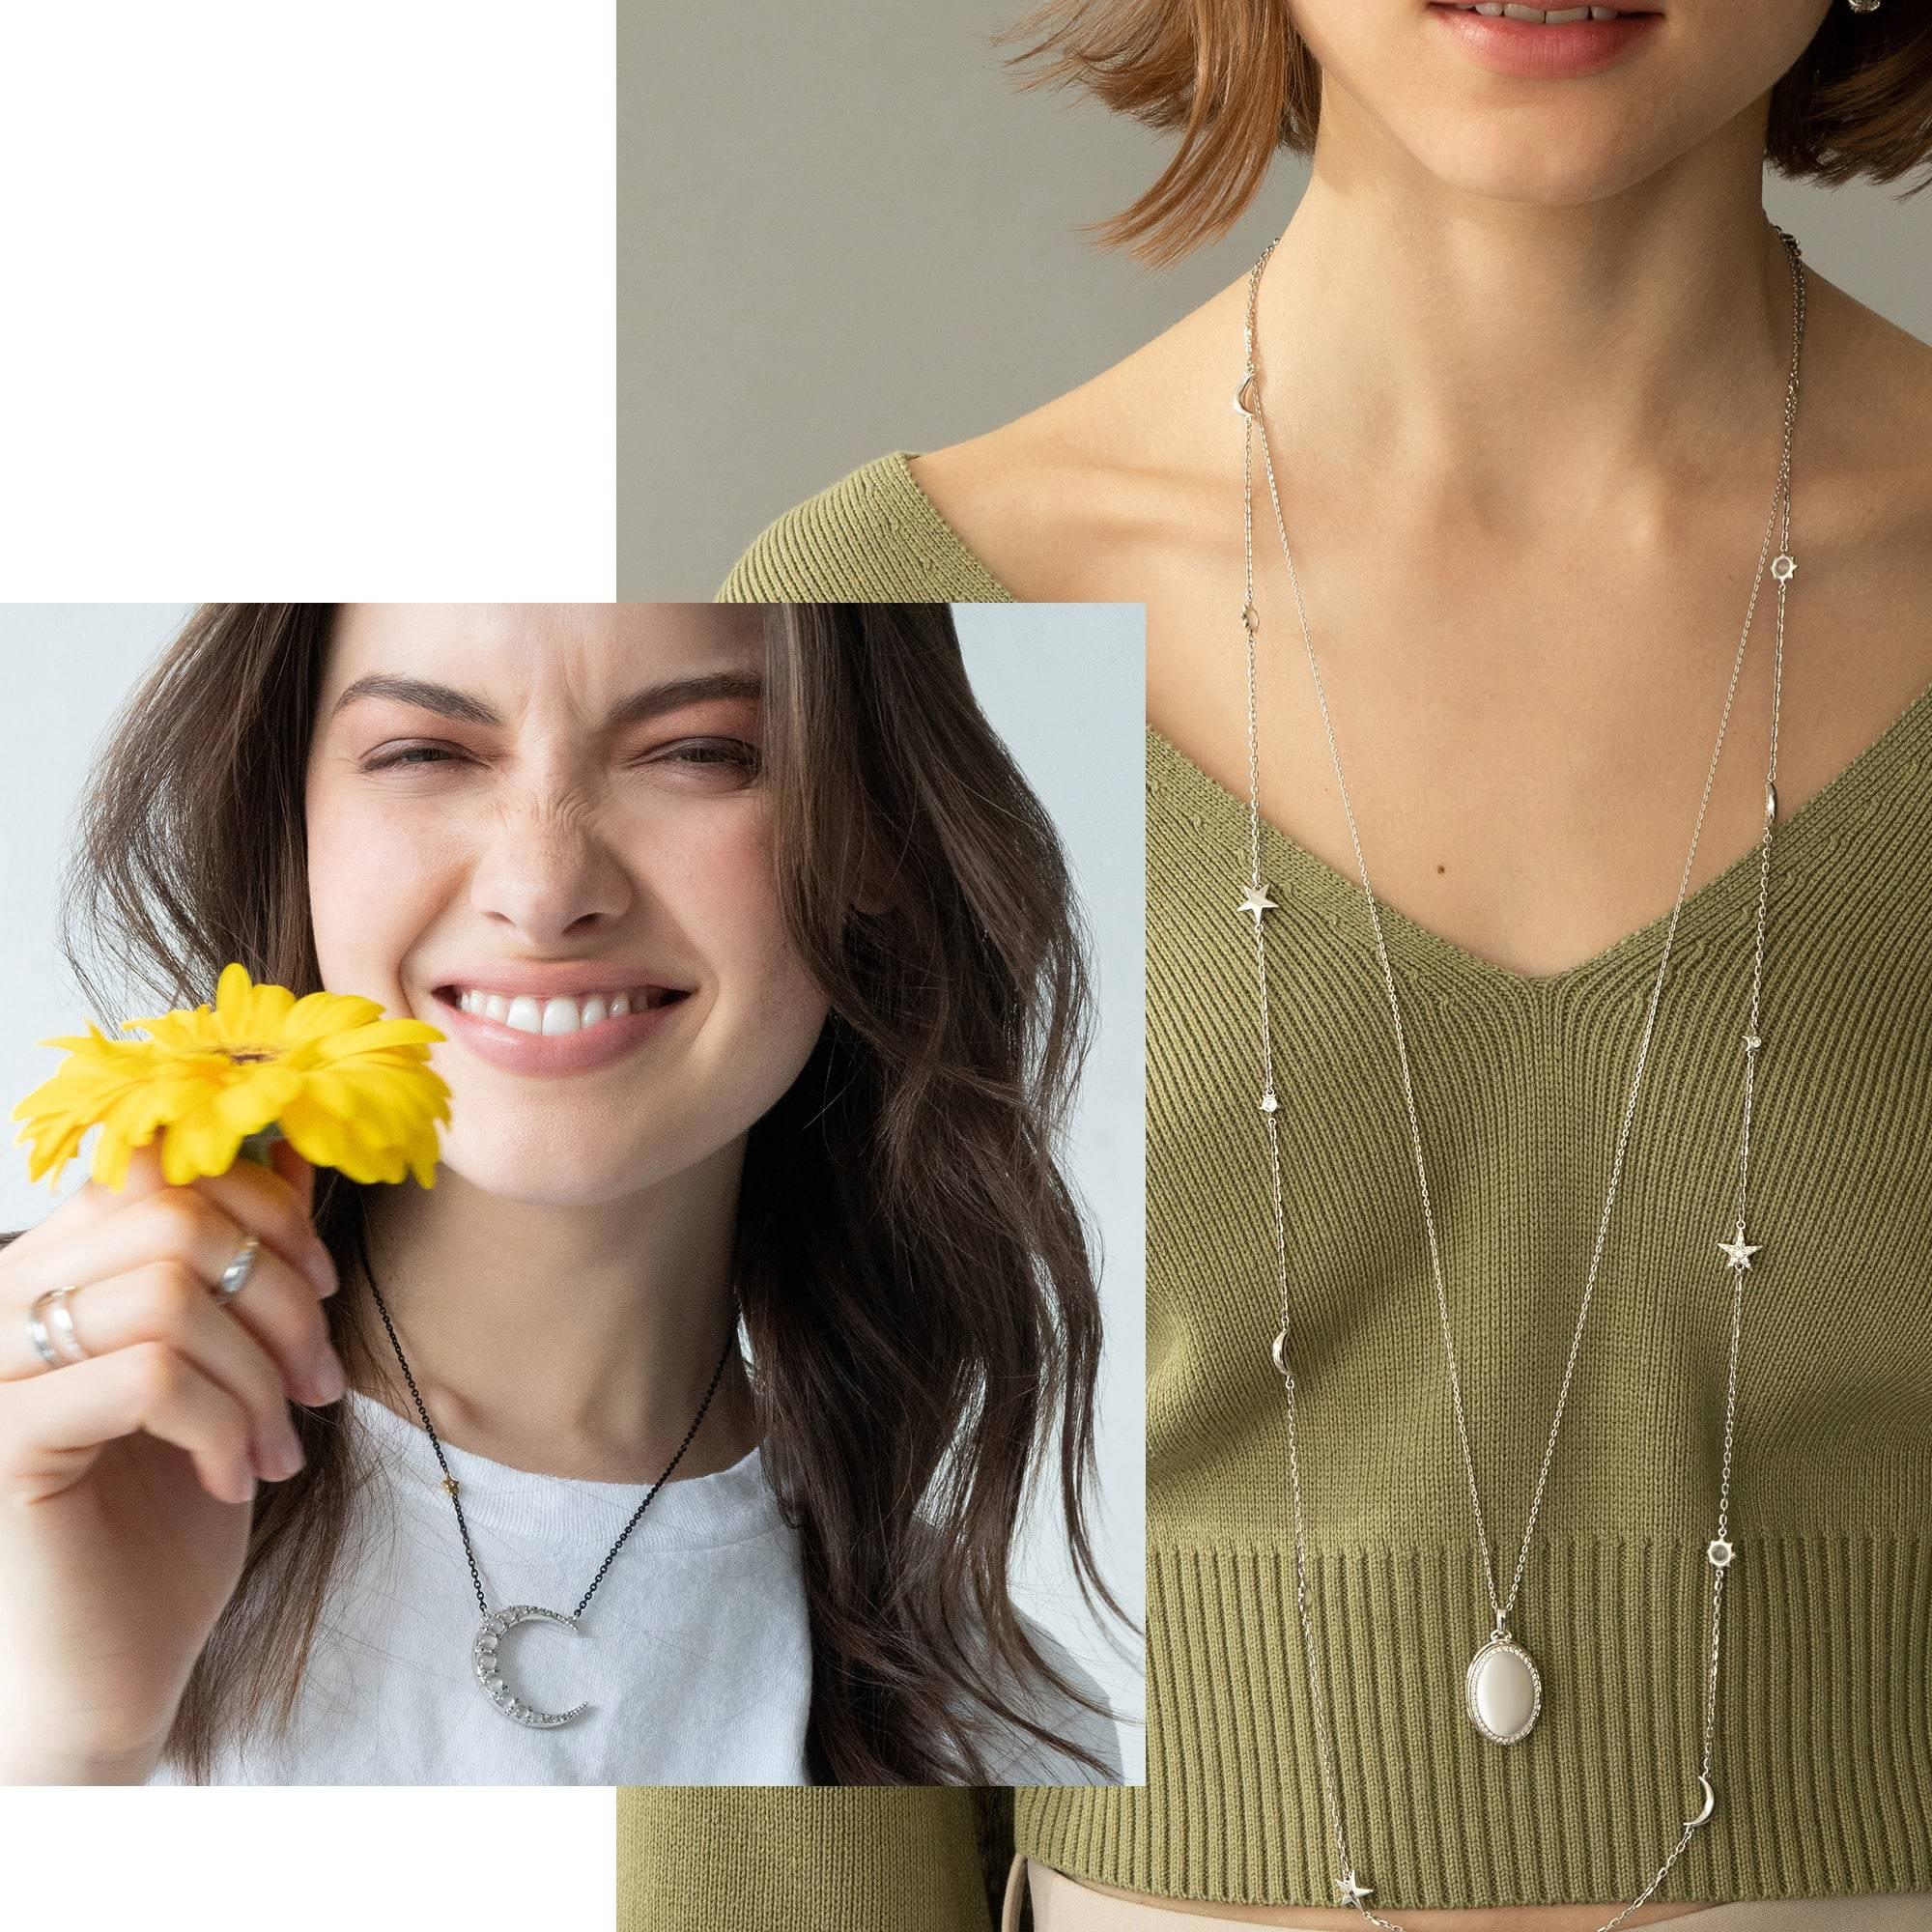 Women in Sterling Silver Jewelry